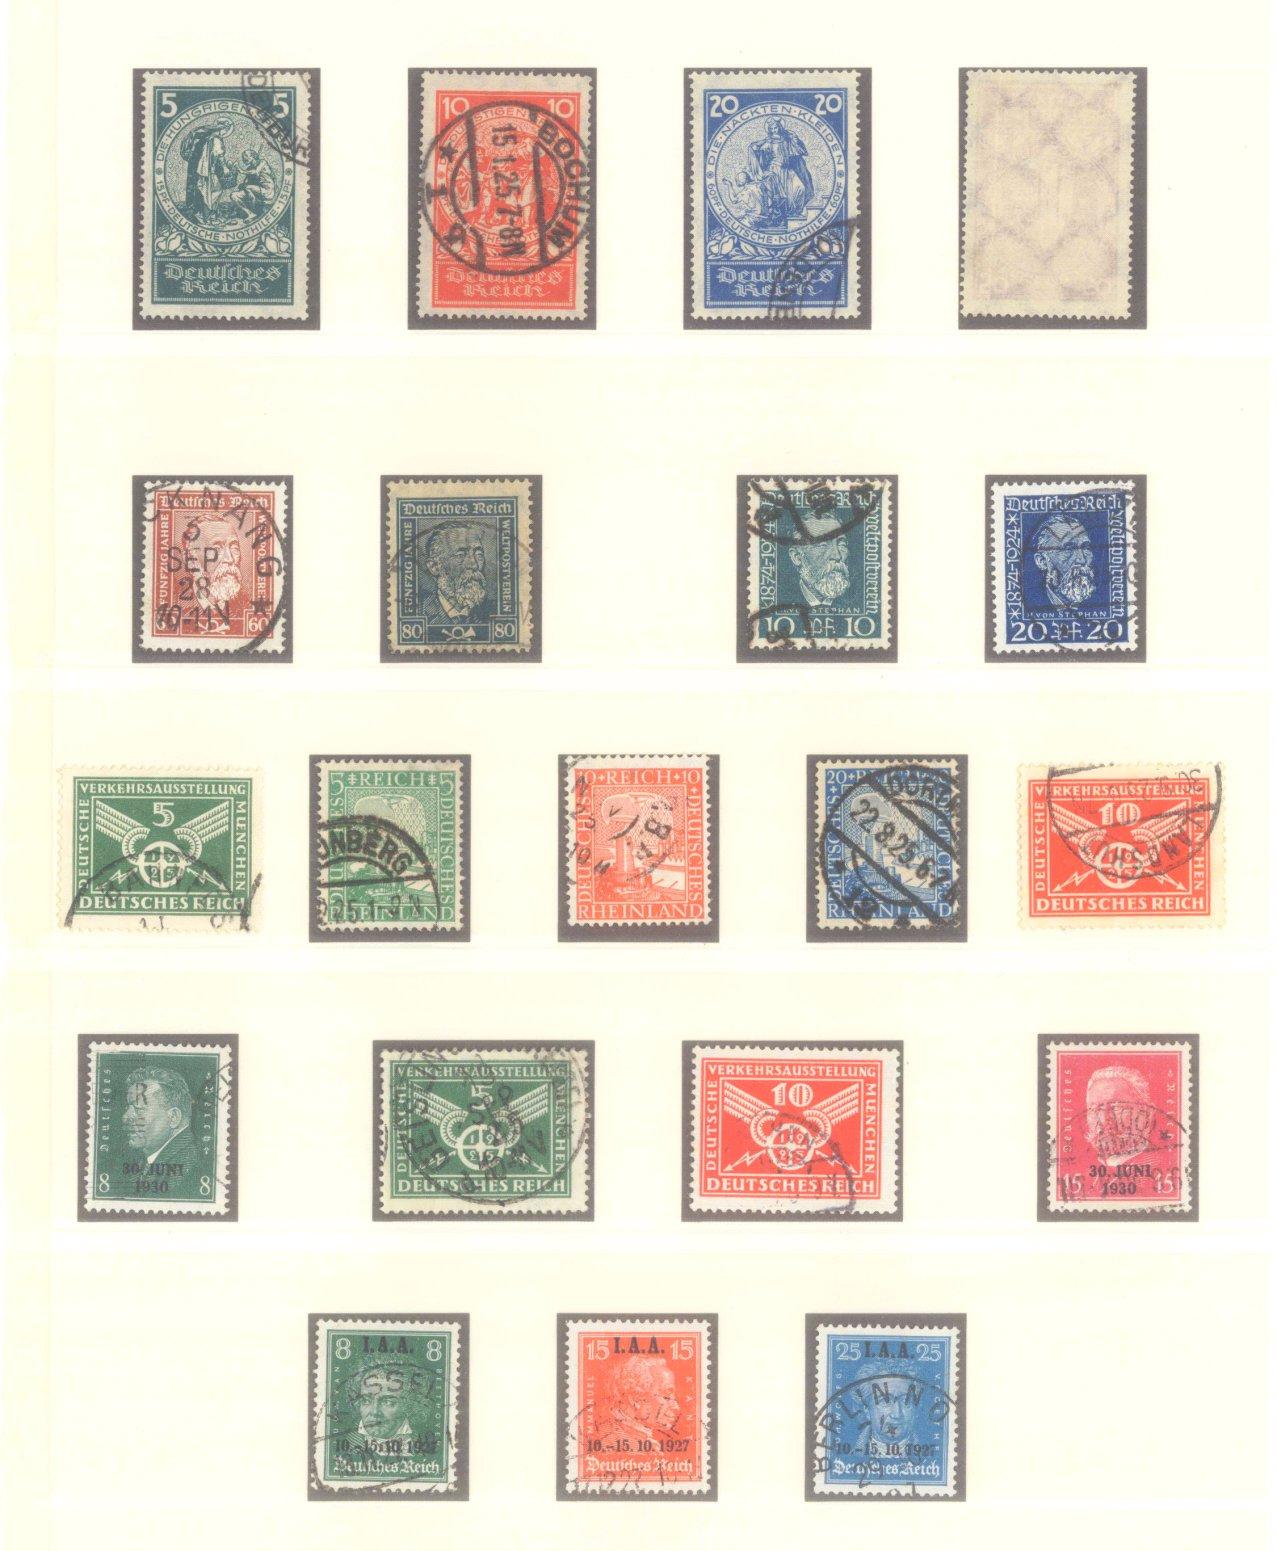 DEUTSCHES REICH – WEIMARER REPUBLIK 1923-1933-3